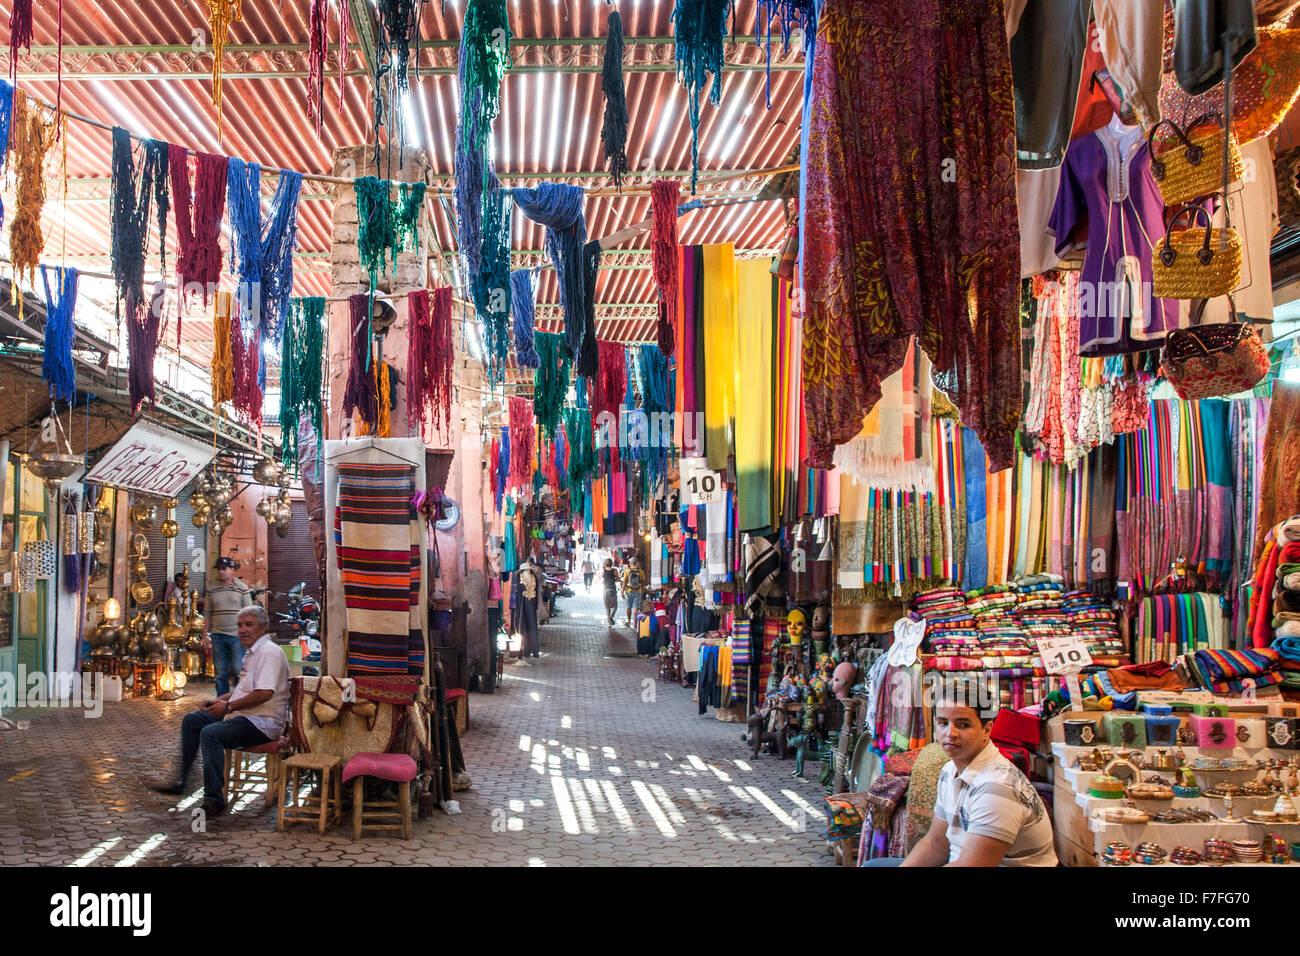 Le souk de Marrakech, Maroc. Photo Stock